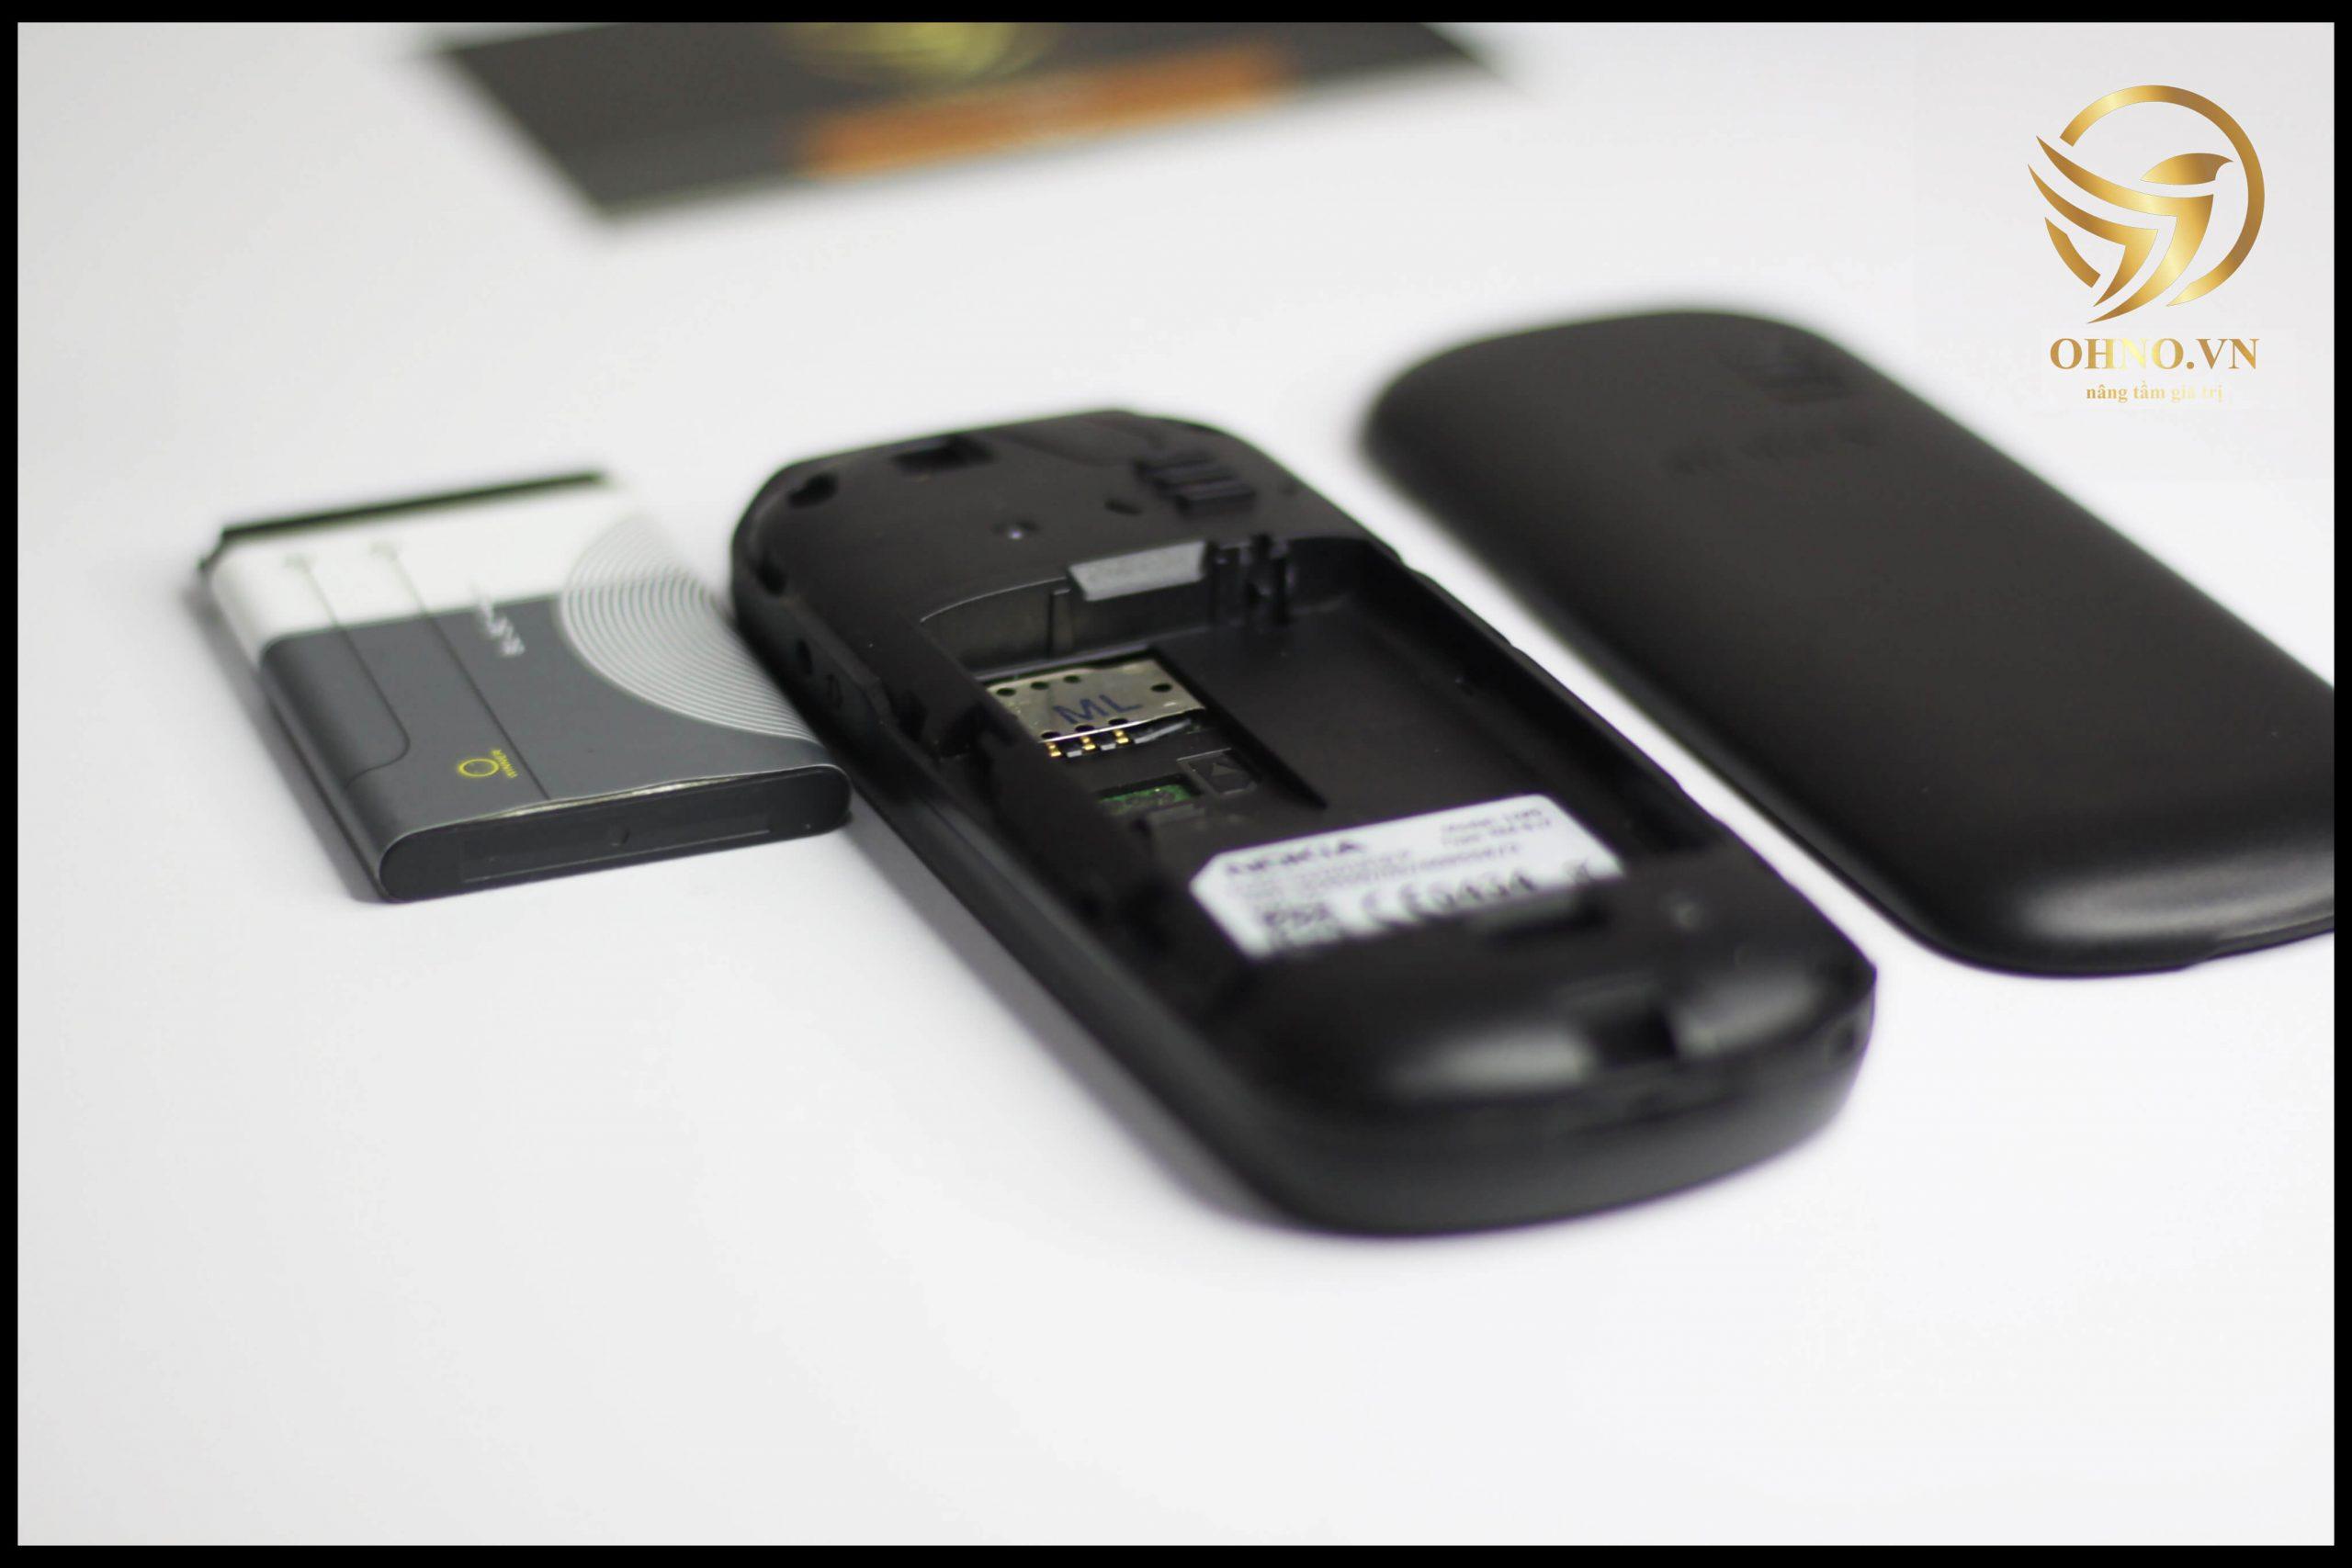 điện thoại nokia cũ 1280 chính hãng main zin